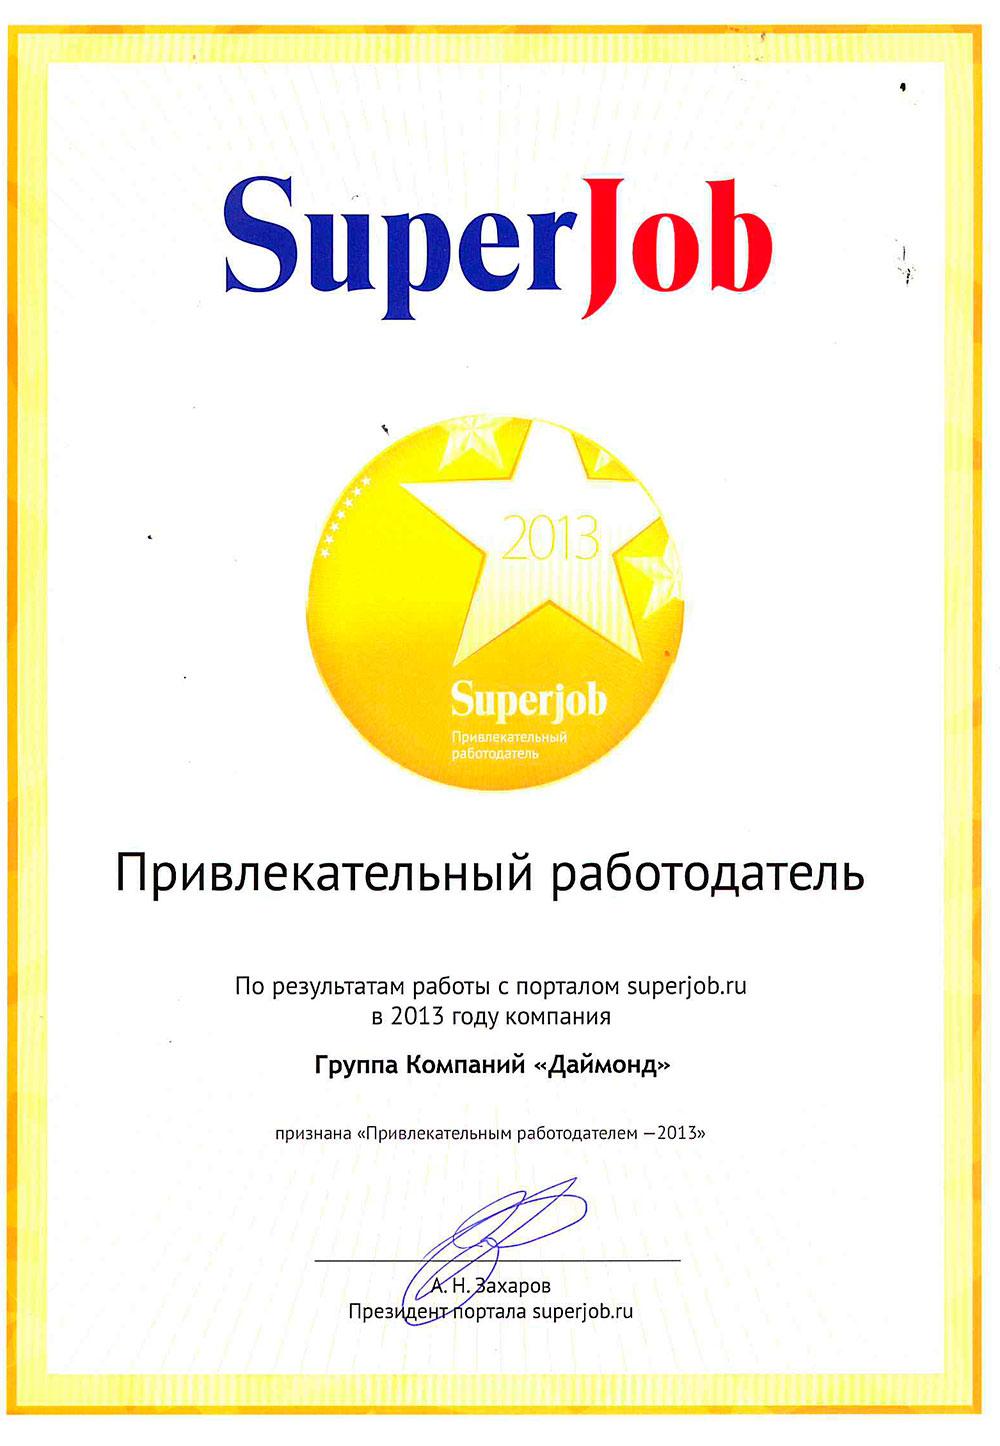 """Группа Компаний """"Даймонд"""" - самый привлекательный работодатель года 2013"""